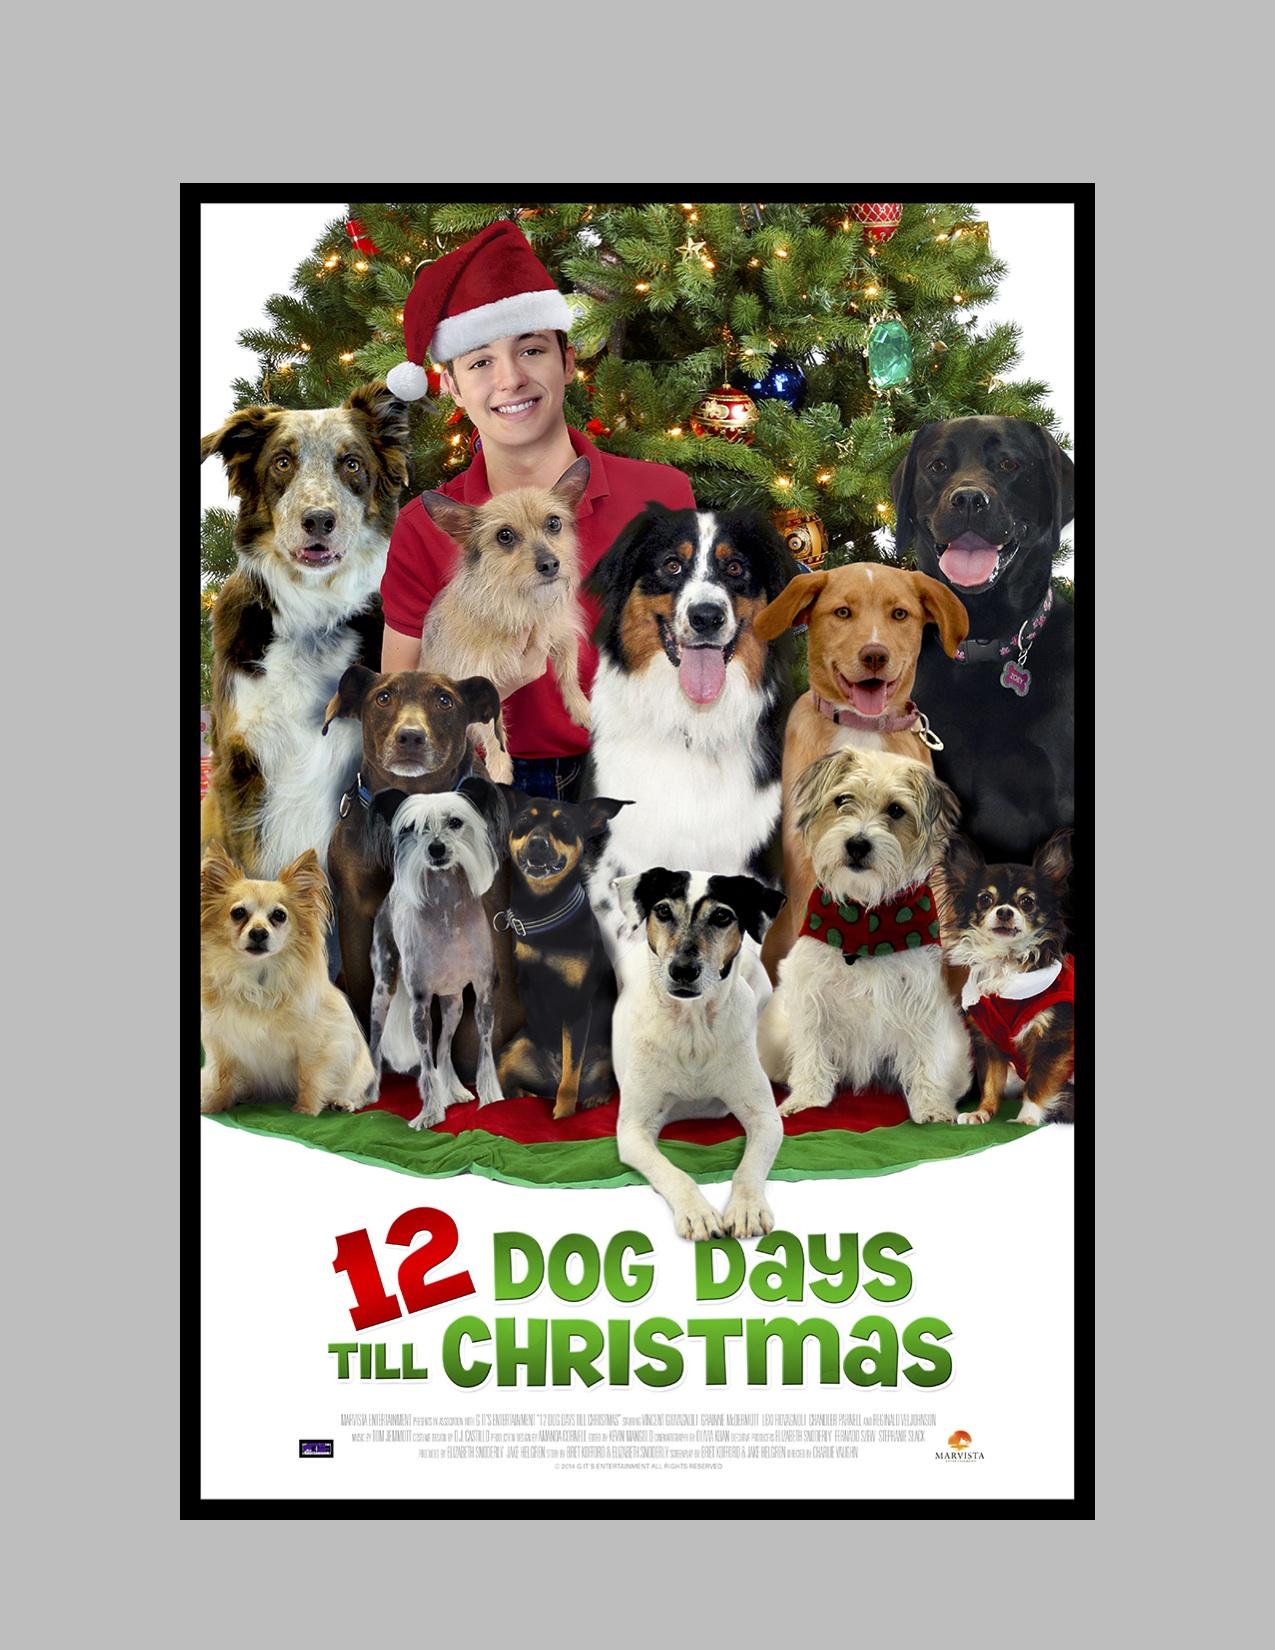 12 dog days till christmas 2014 imdb - Cast Of Petes Christmas